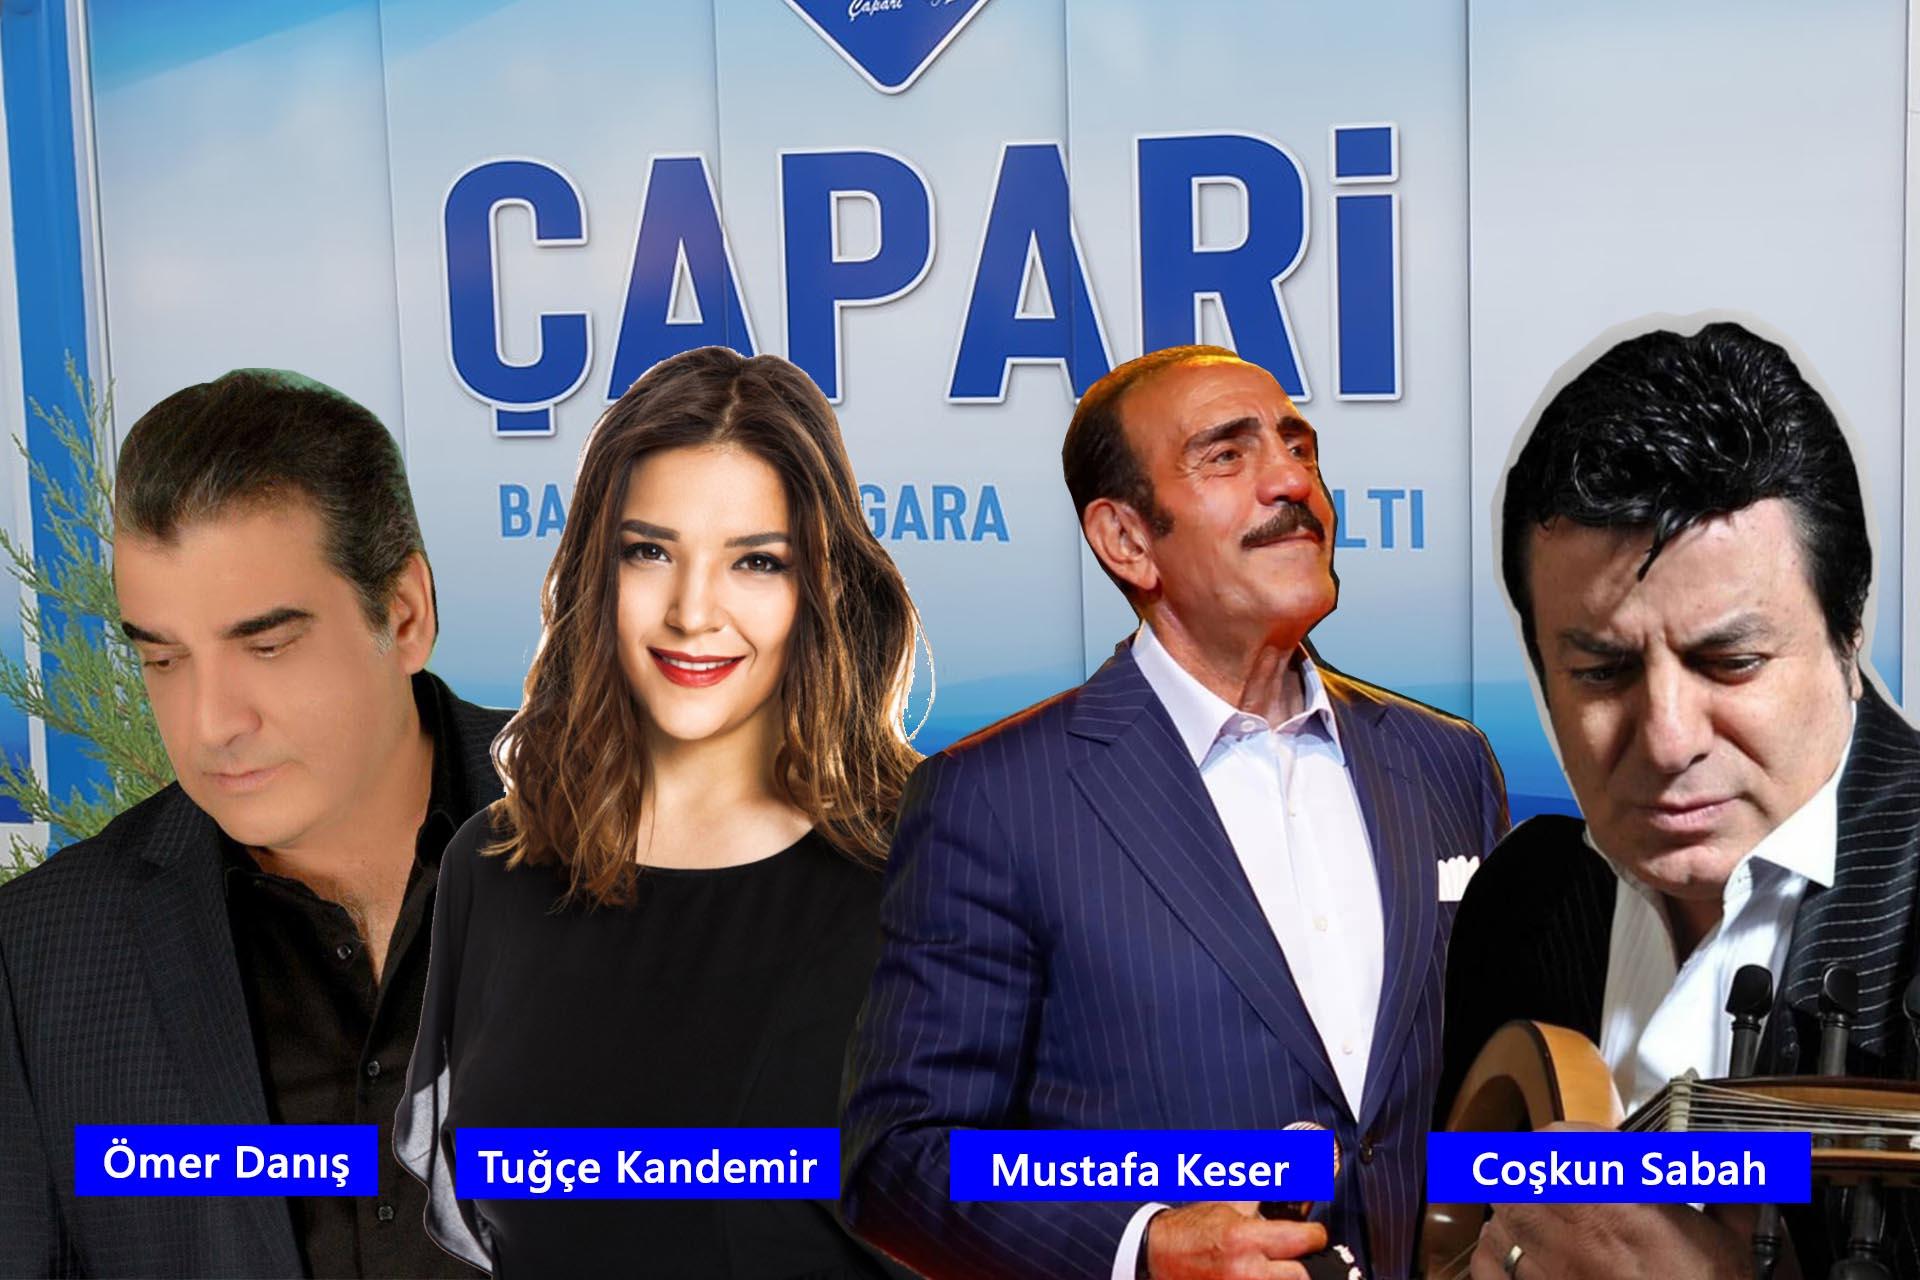 didim_capari_balik_izgara_umutkasan